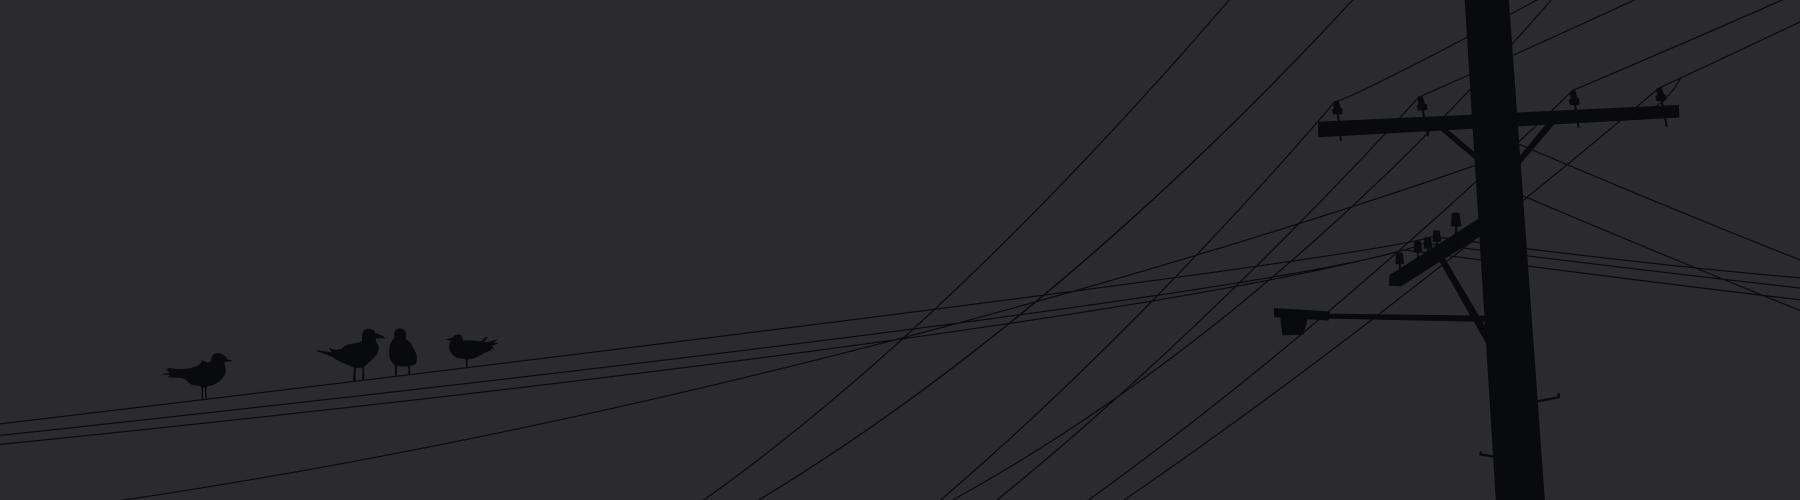 birds-wire